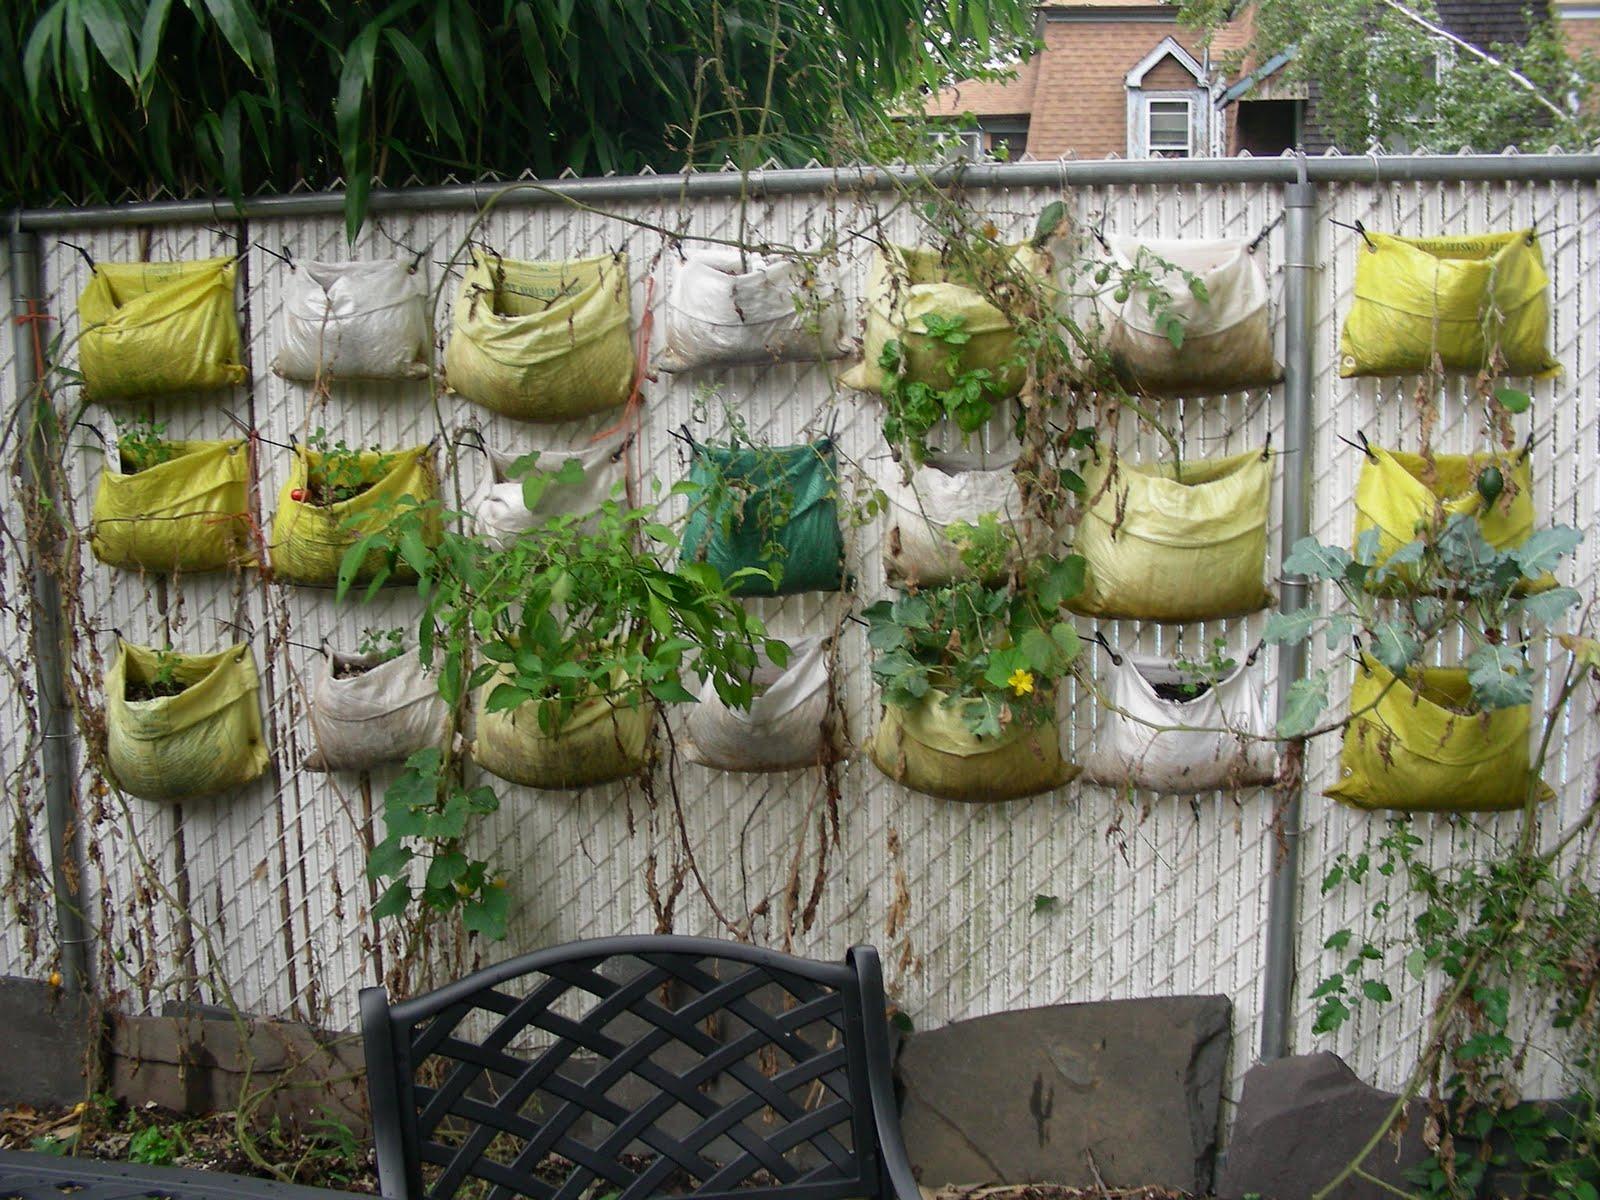 Commmunity gardening vertical gardening update ii - Vertical garden ...